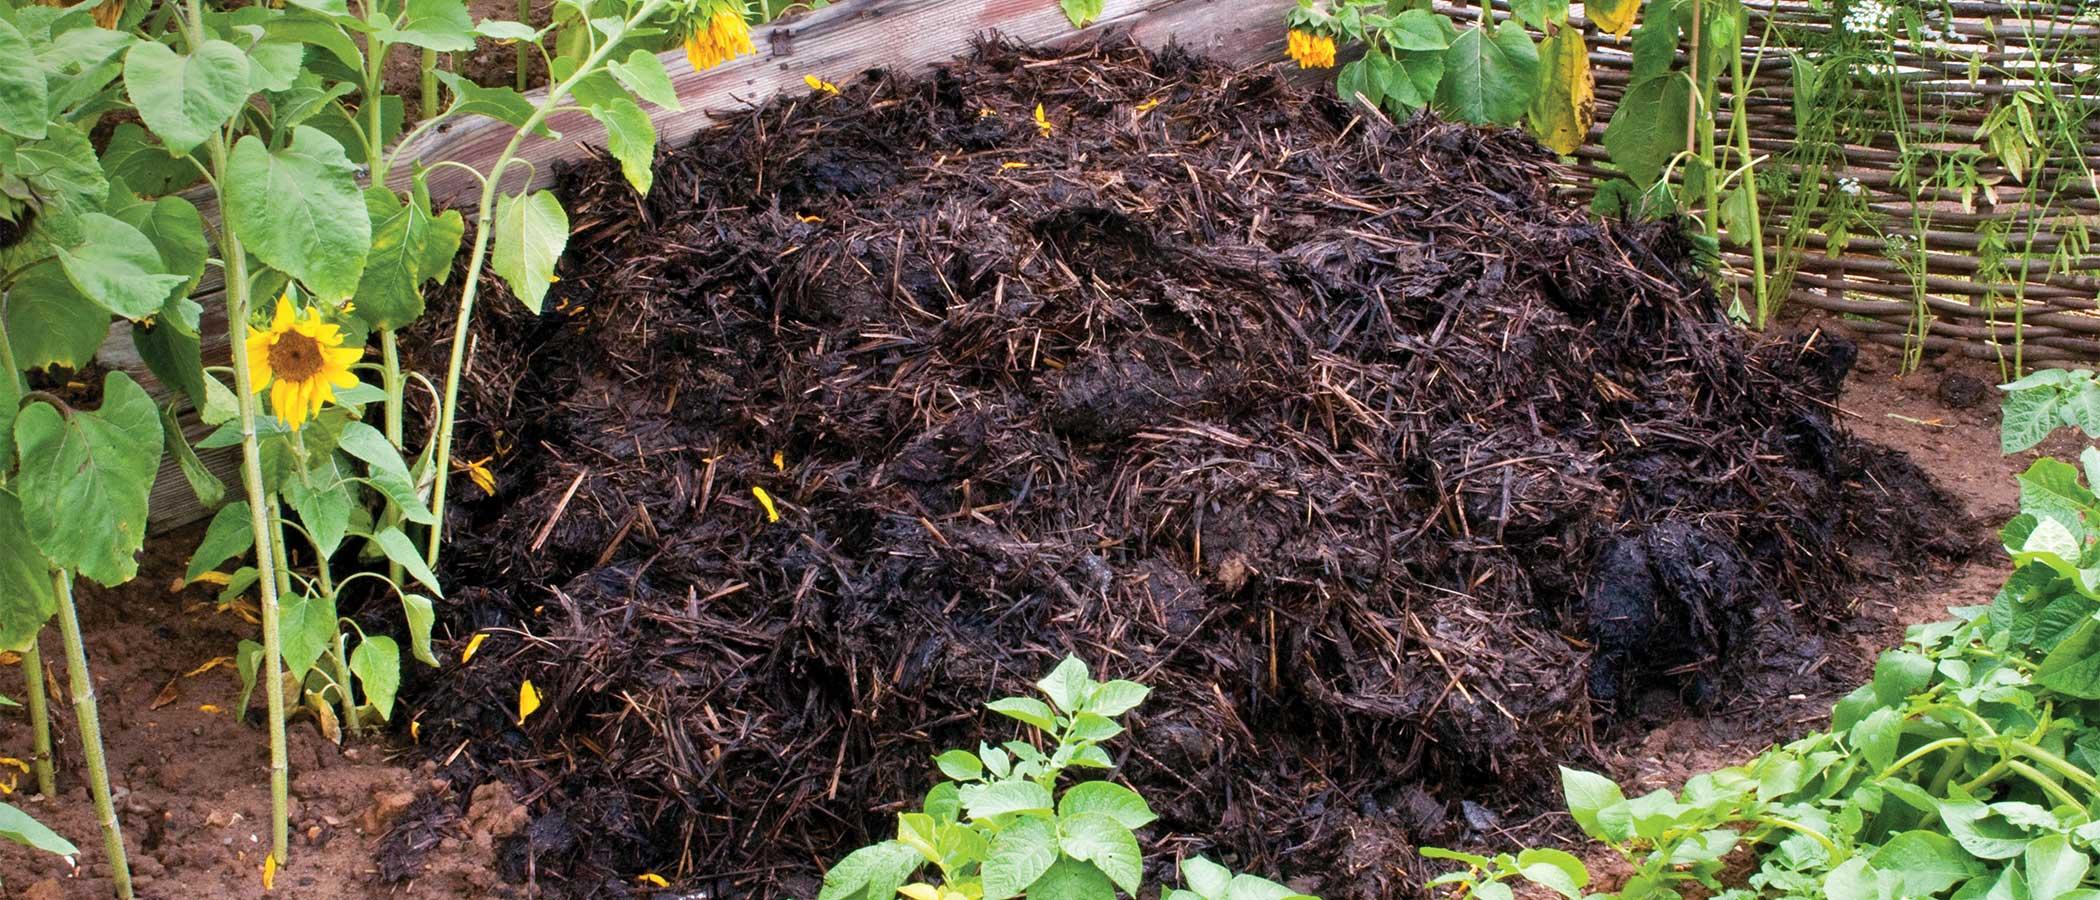 Compost pile in a home garden.